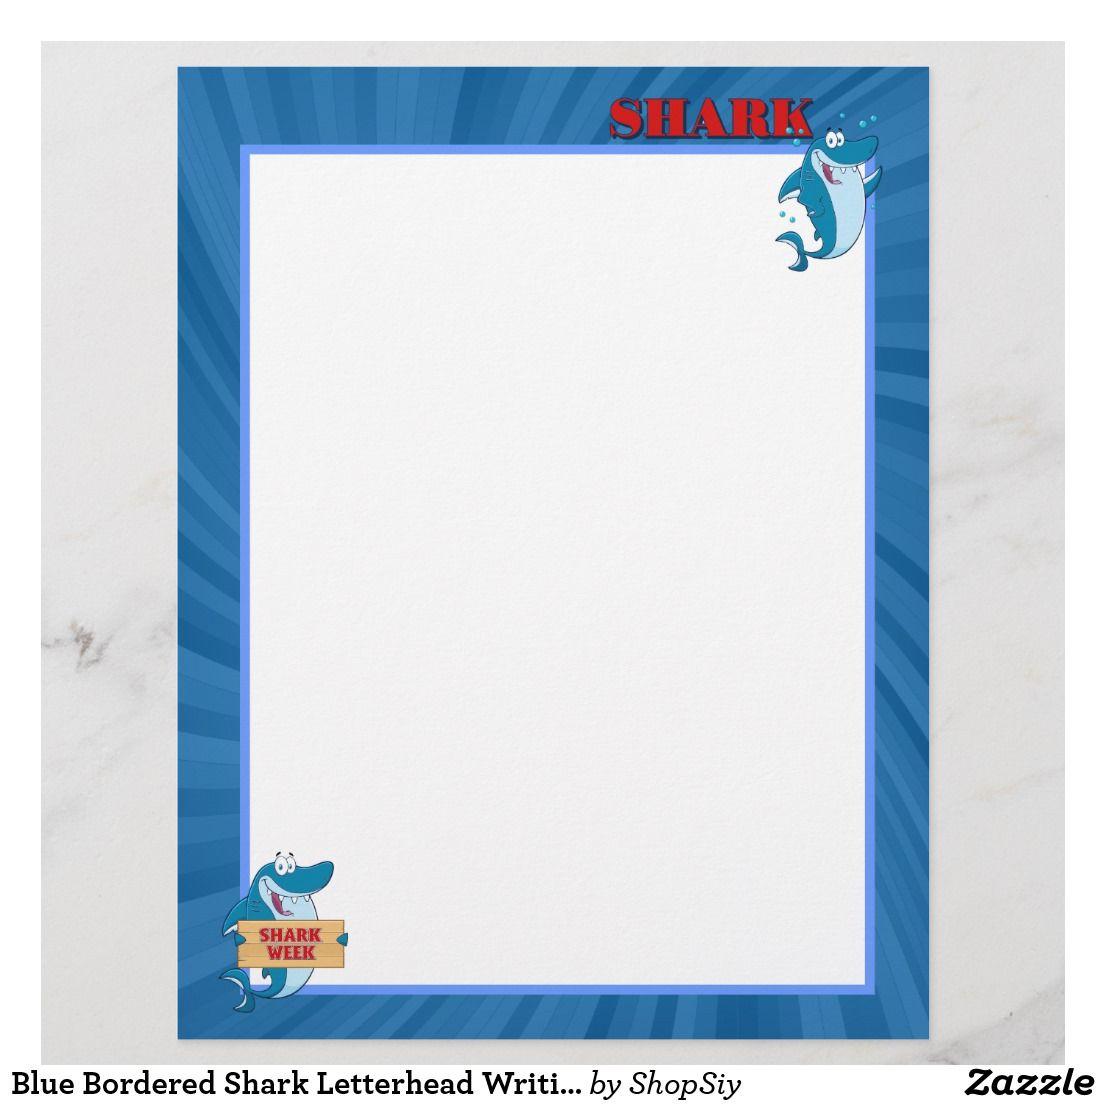 Blue Bordered Shark Letterhead Writing Paper